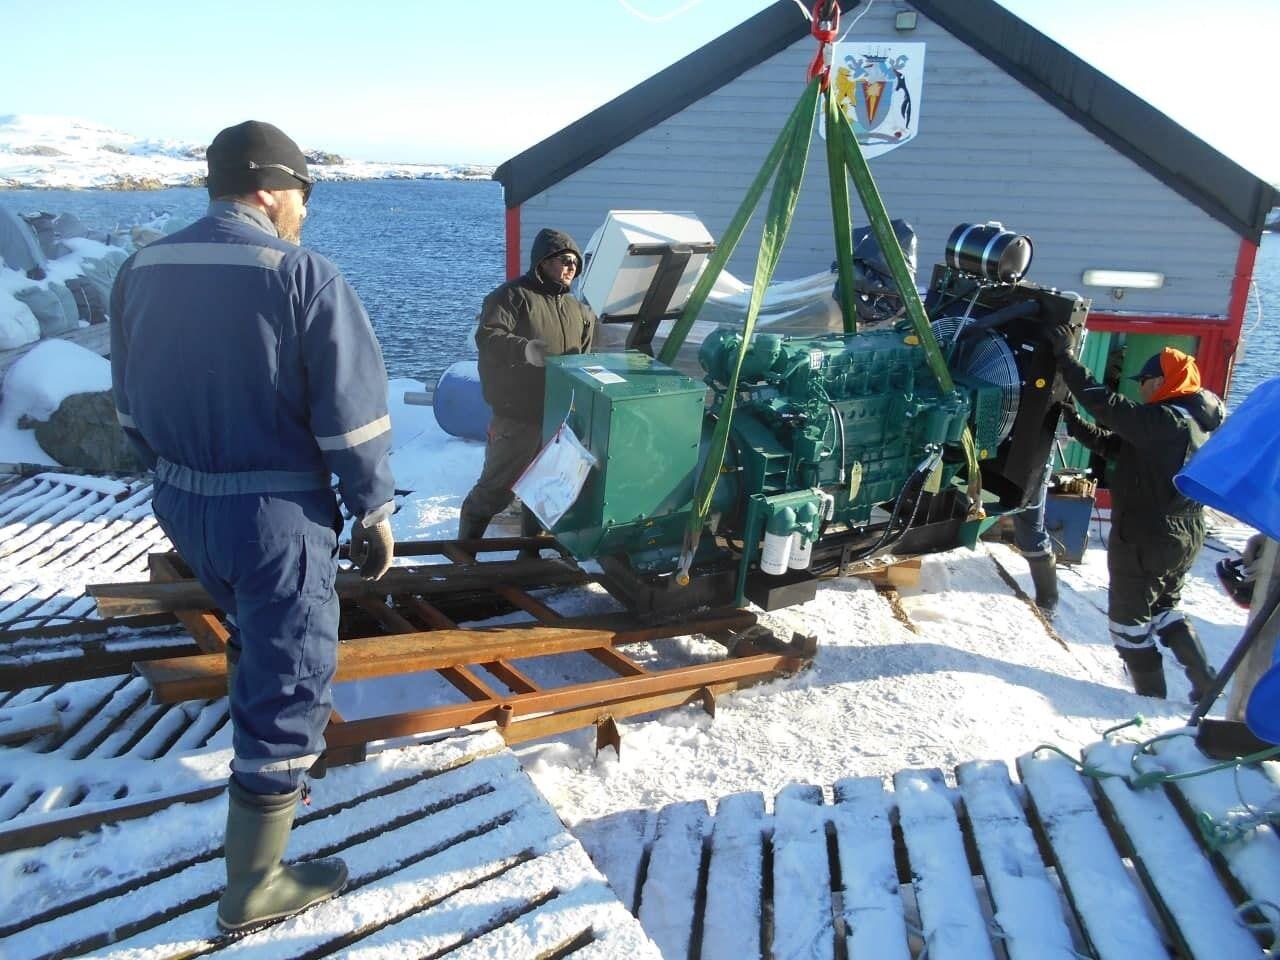 Для забезпечення енергією антарктичної станції придбано нові дизель-генератори VOLVO PENTA